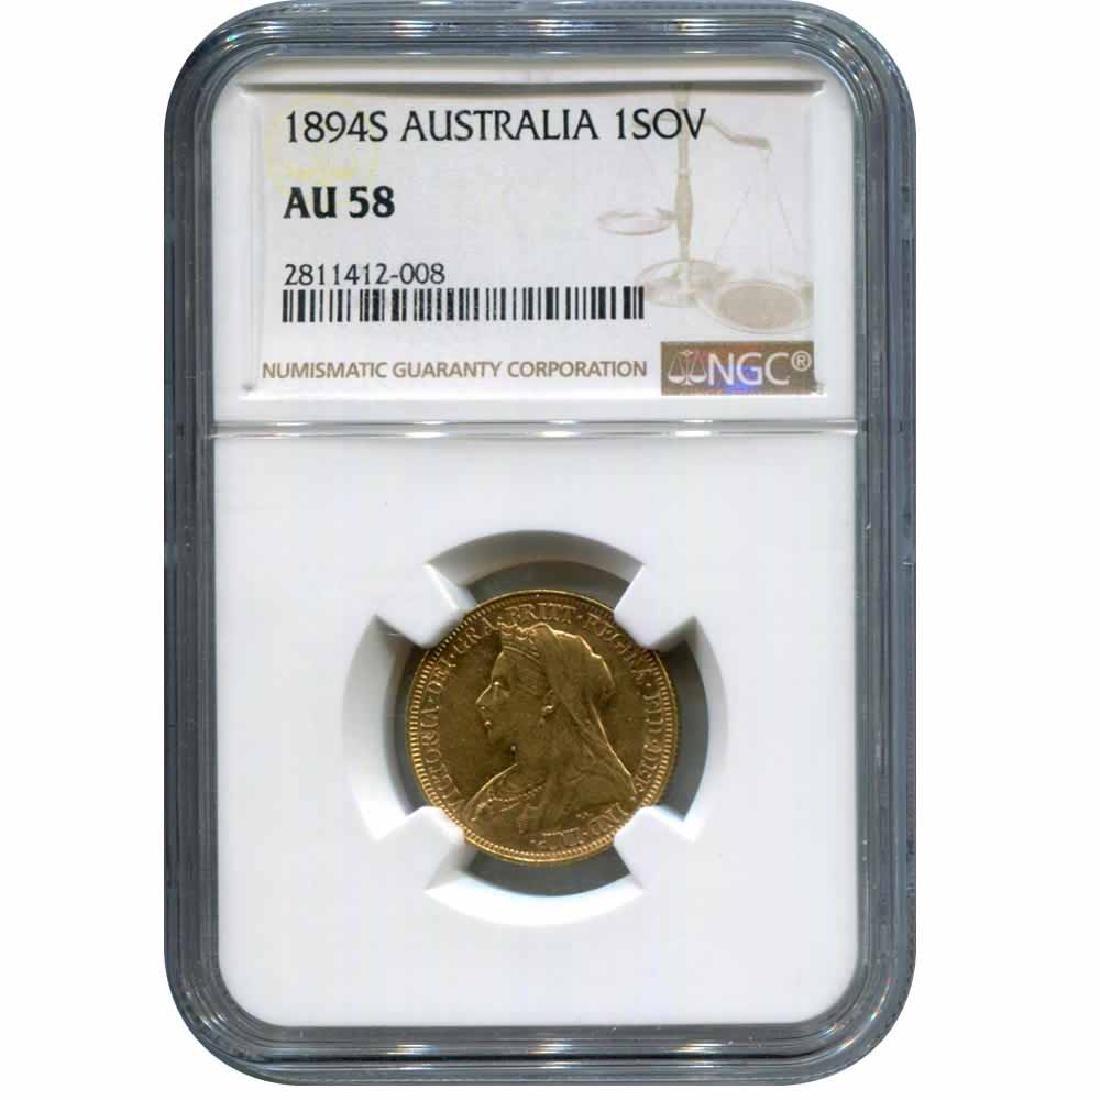 Australia gold sovereign 1894S AU58 NGC